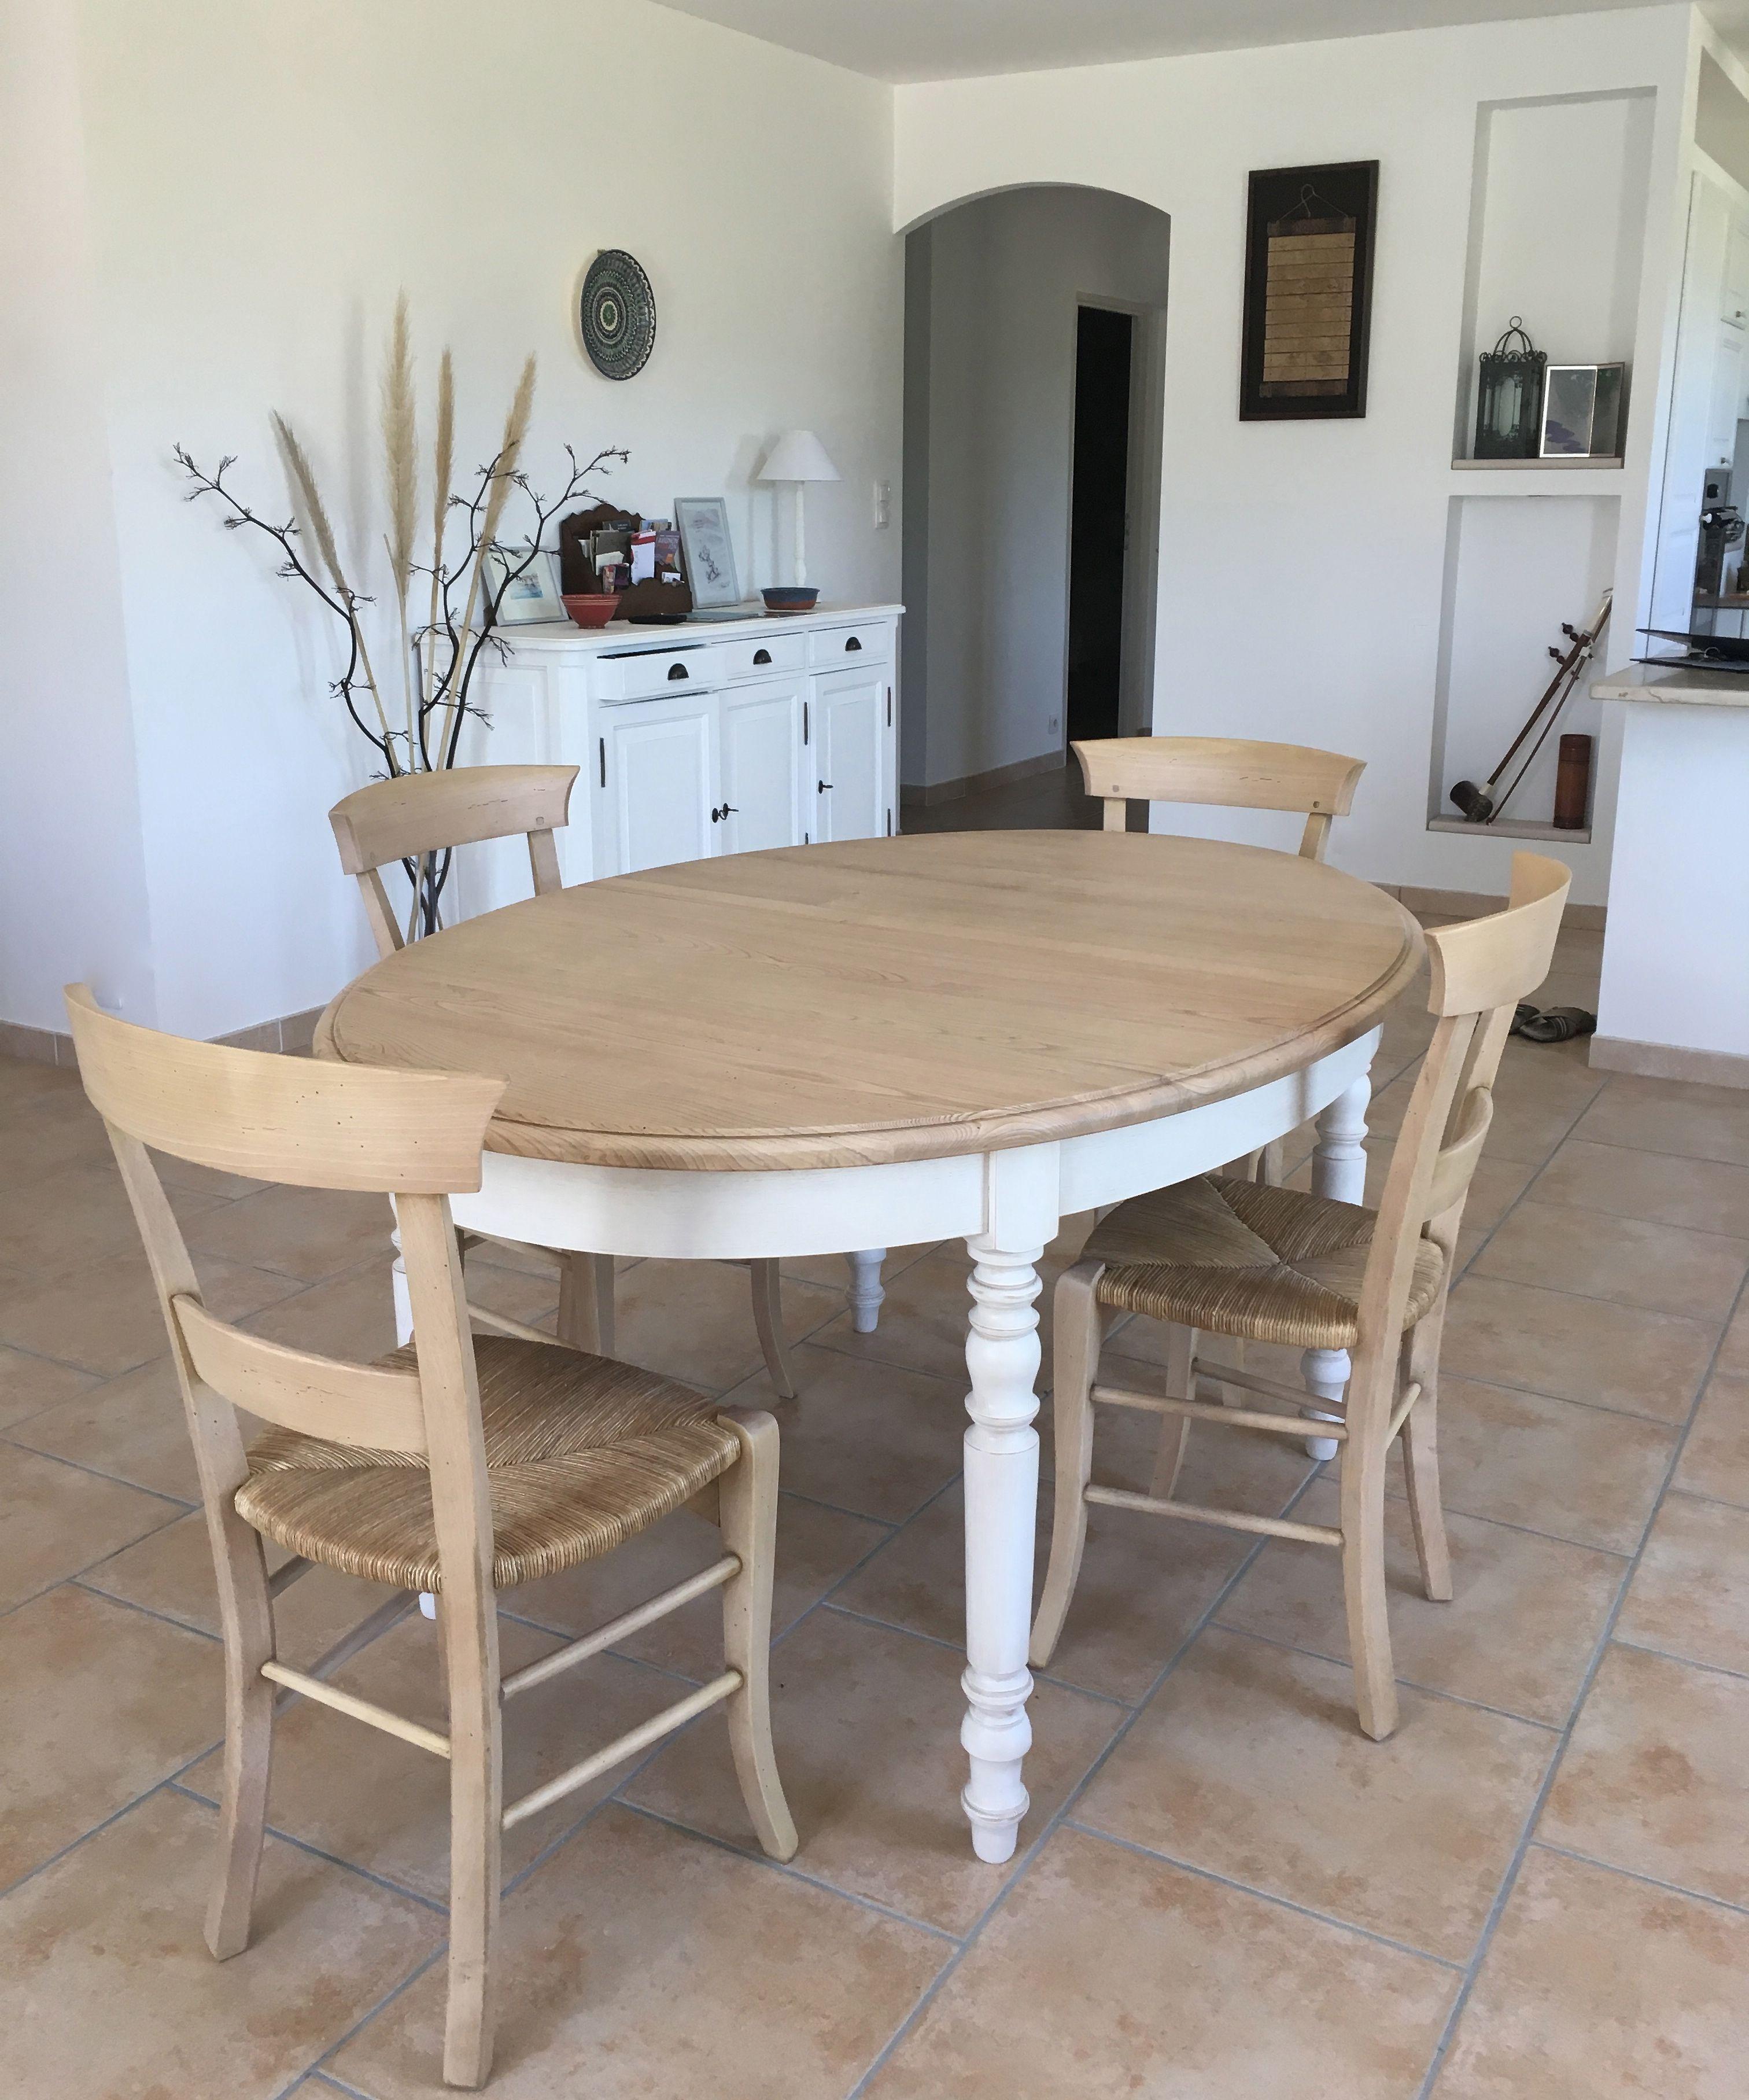 table salle manger ovale bois naturel